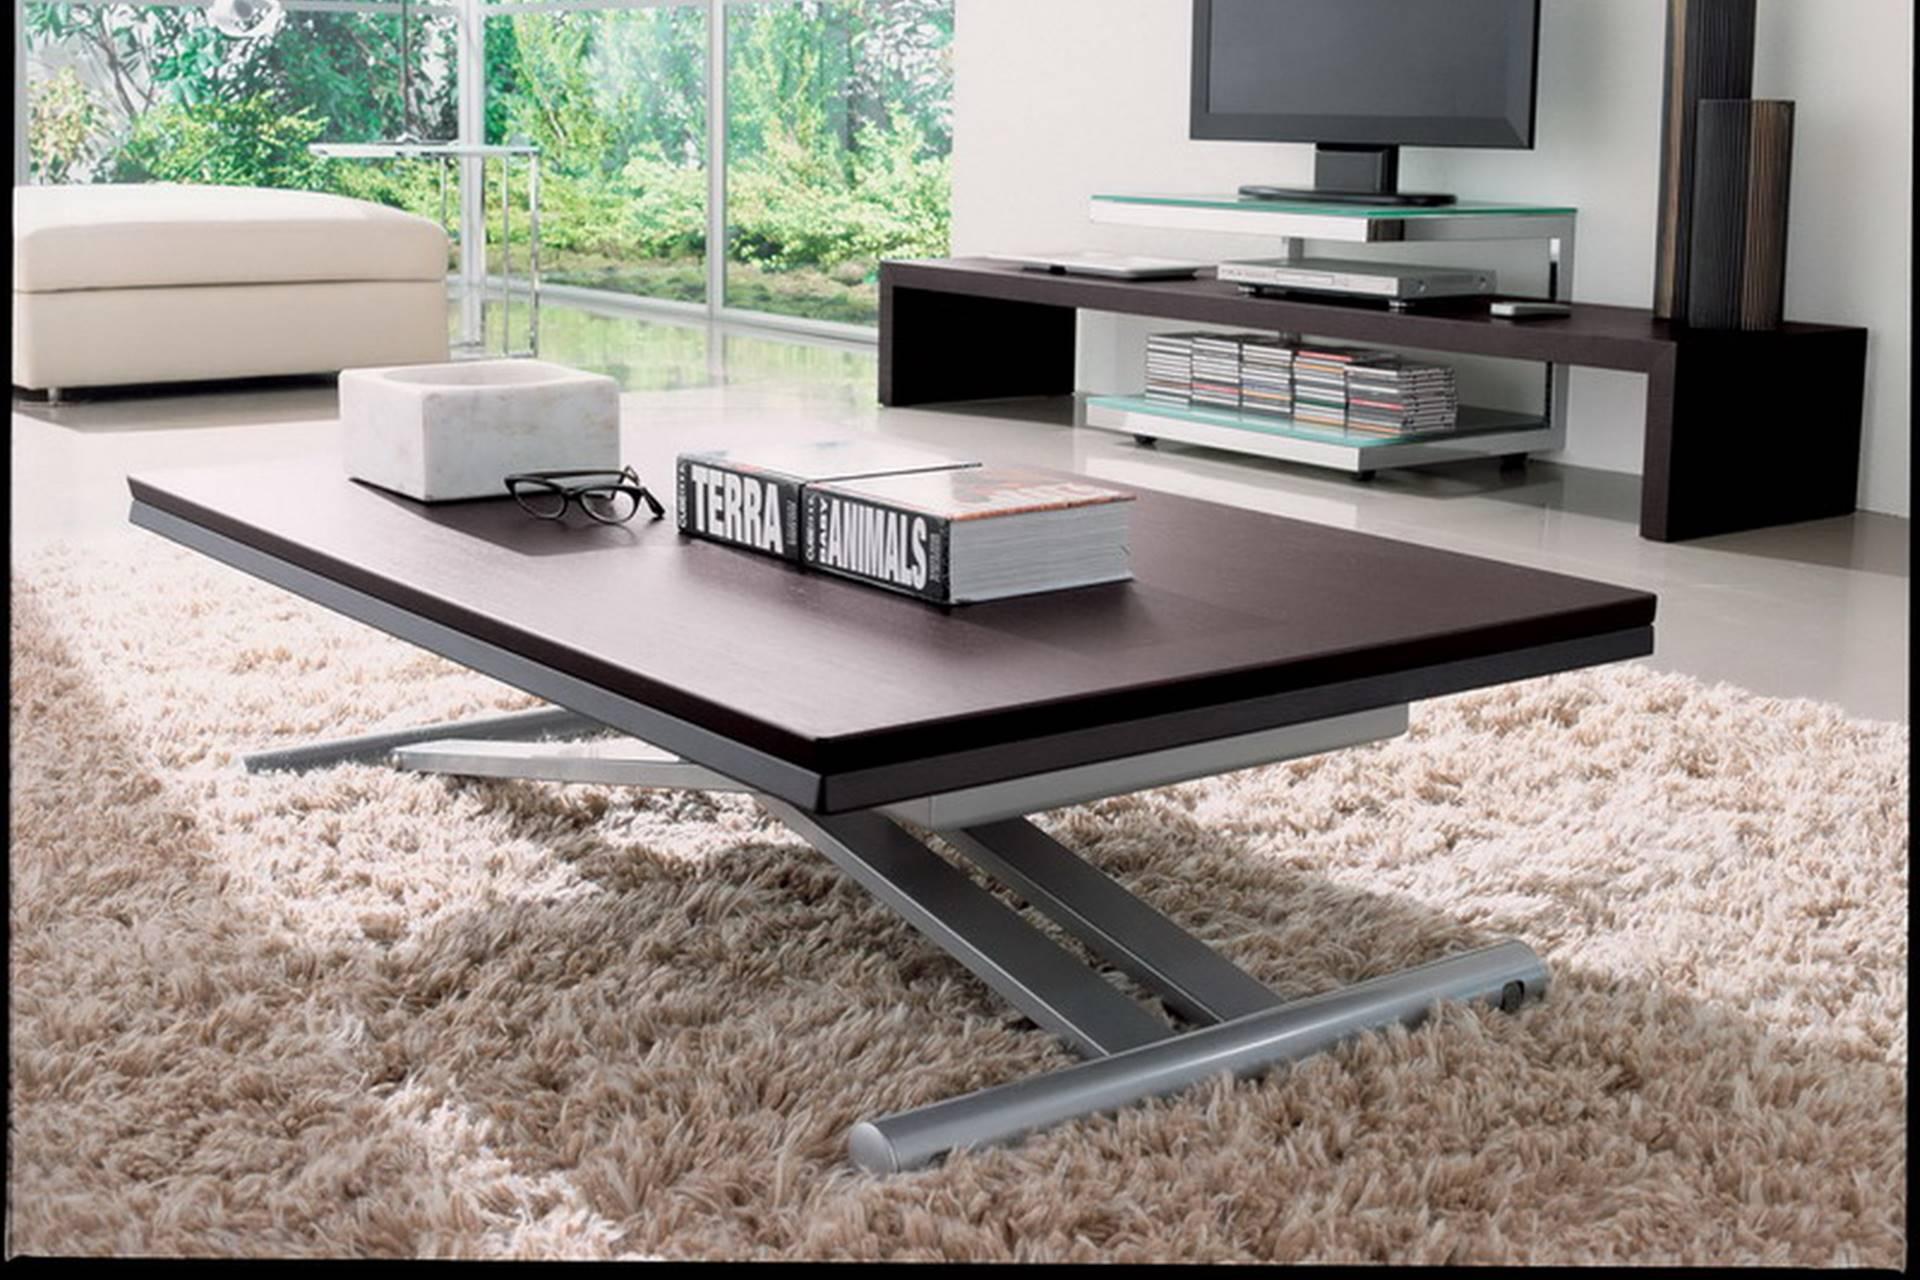 bas prix e5d05 e53c7 Meubles tables basses - Story